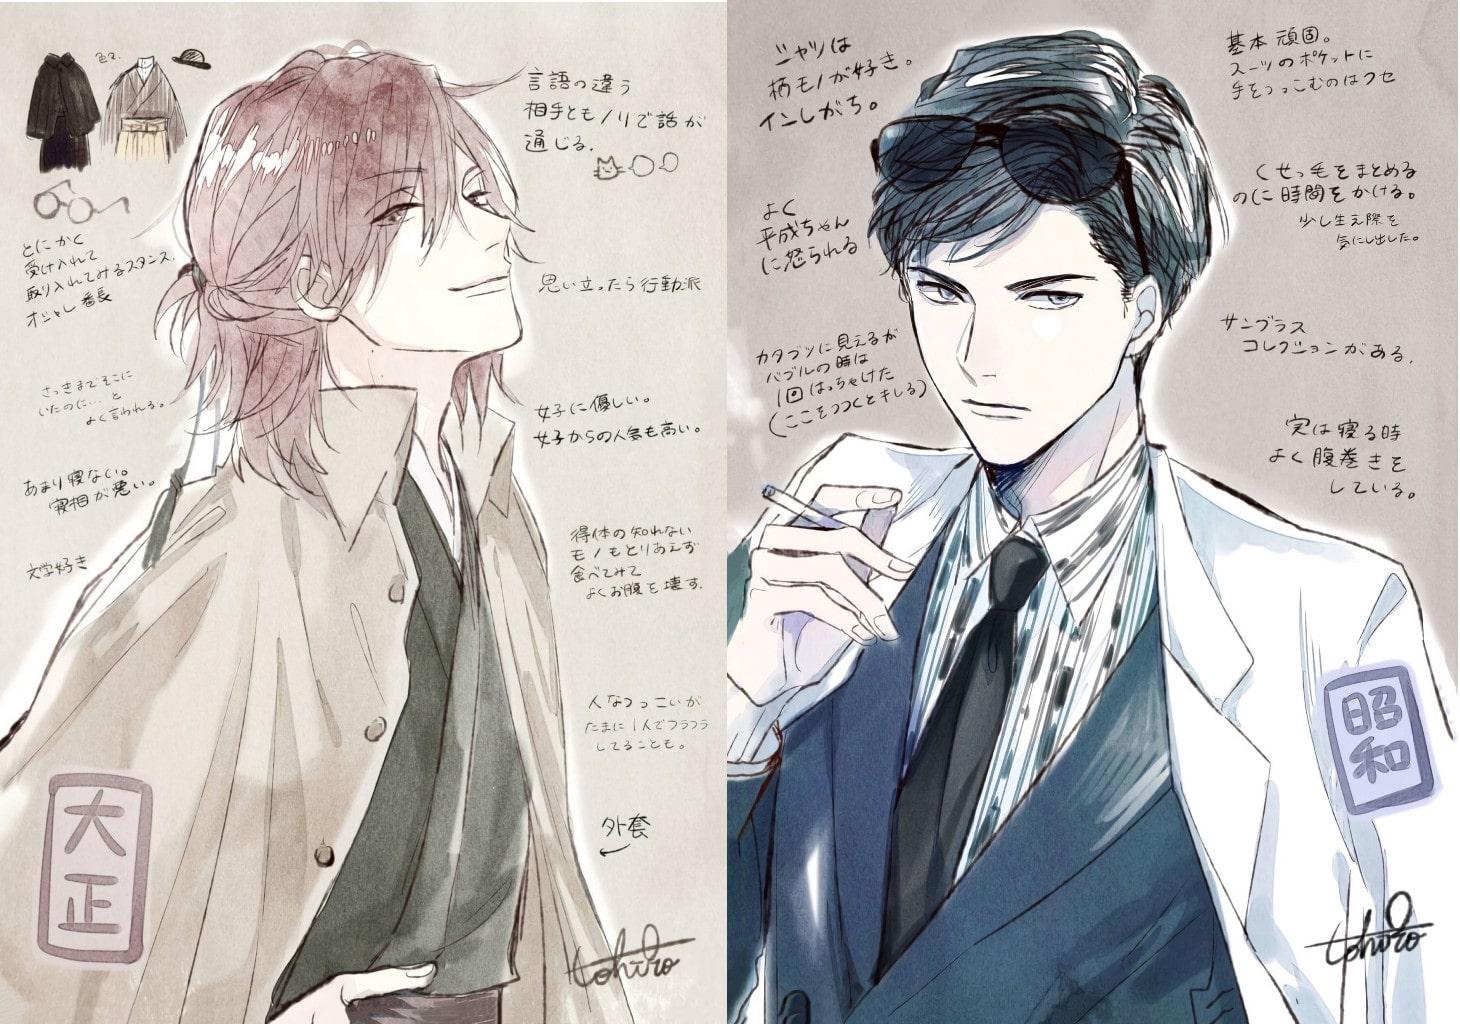 志島とひろ先生『元号男子』の中心キャラ、大正・昭和・平成・令和の4人。それぞれの時代を反映するキャラ付けがされている。